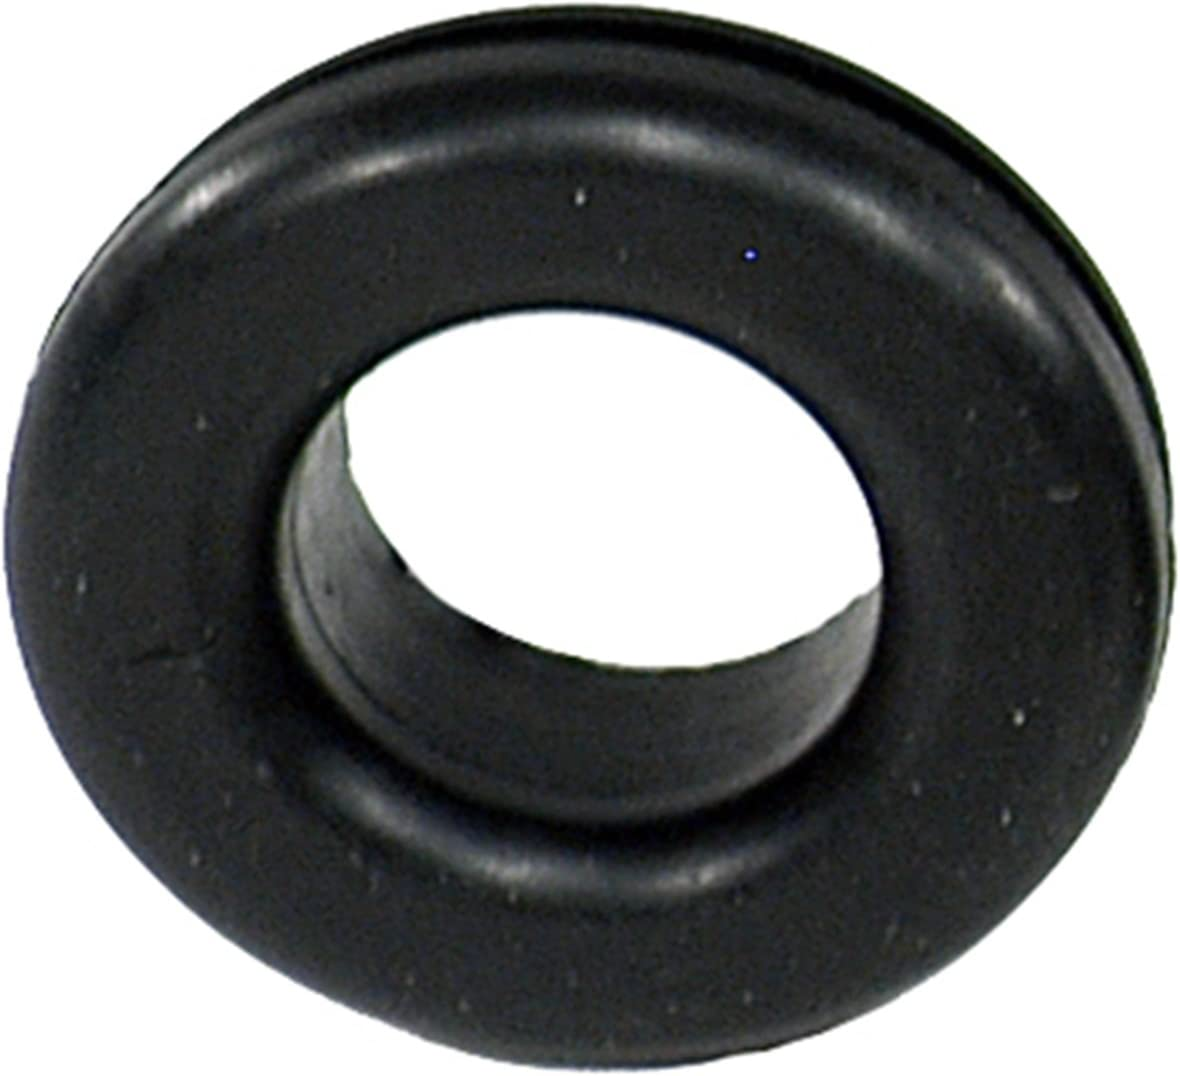 Omix-Ada 17402.02 Valve Cover Grommet